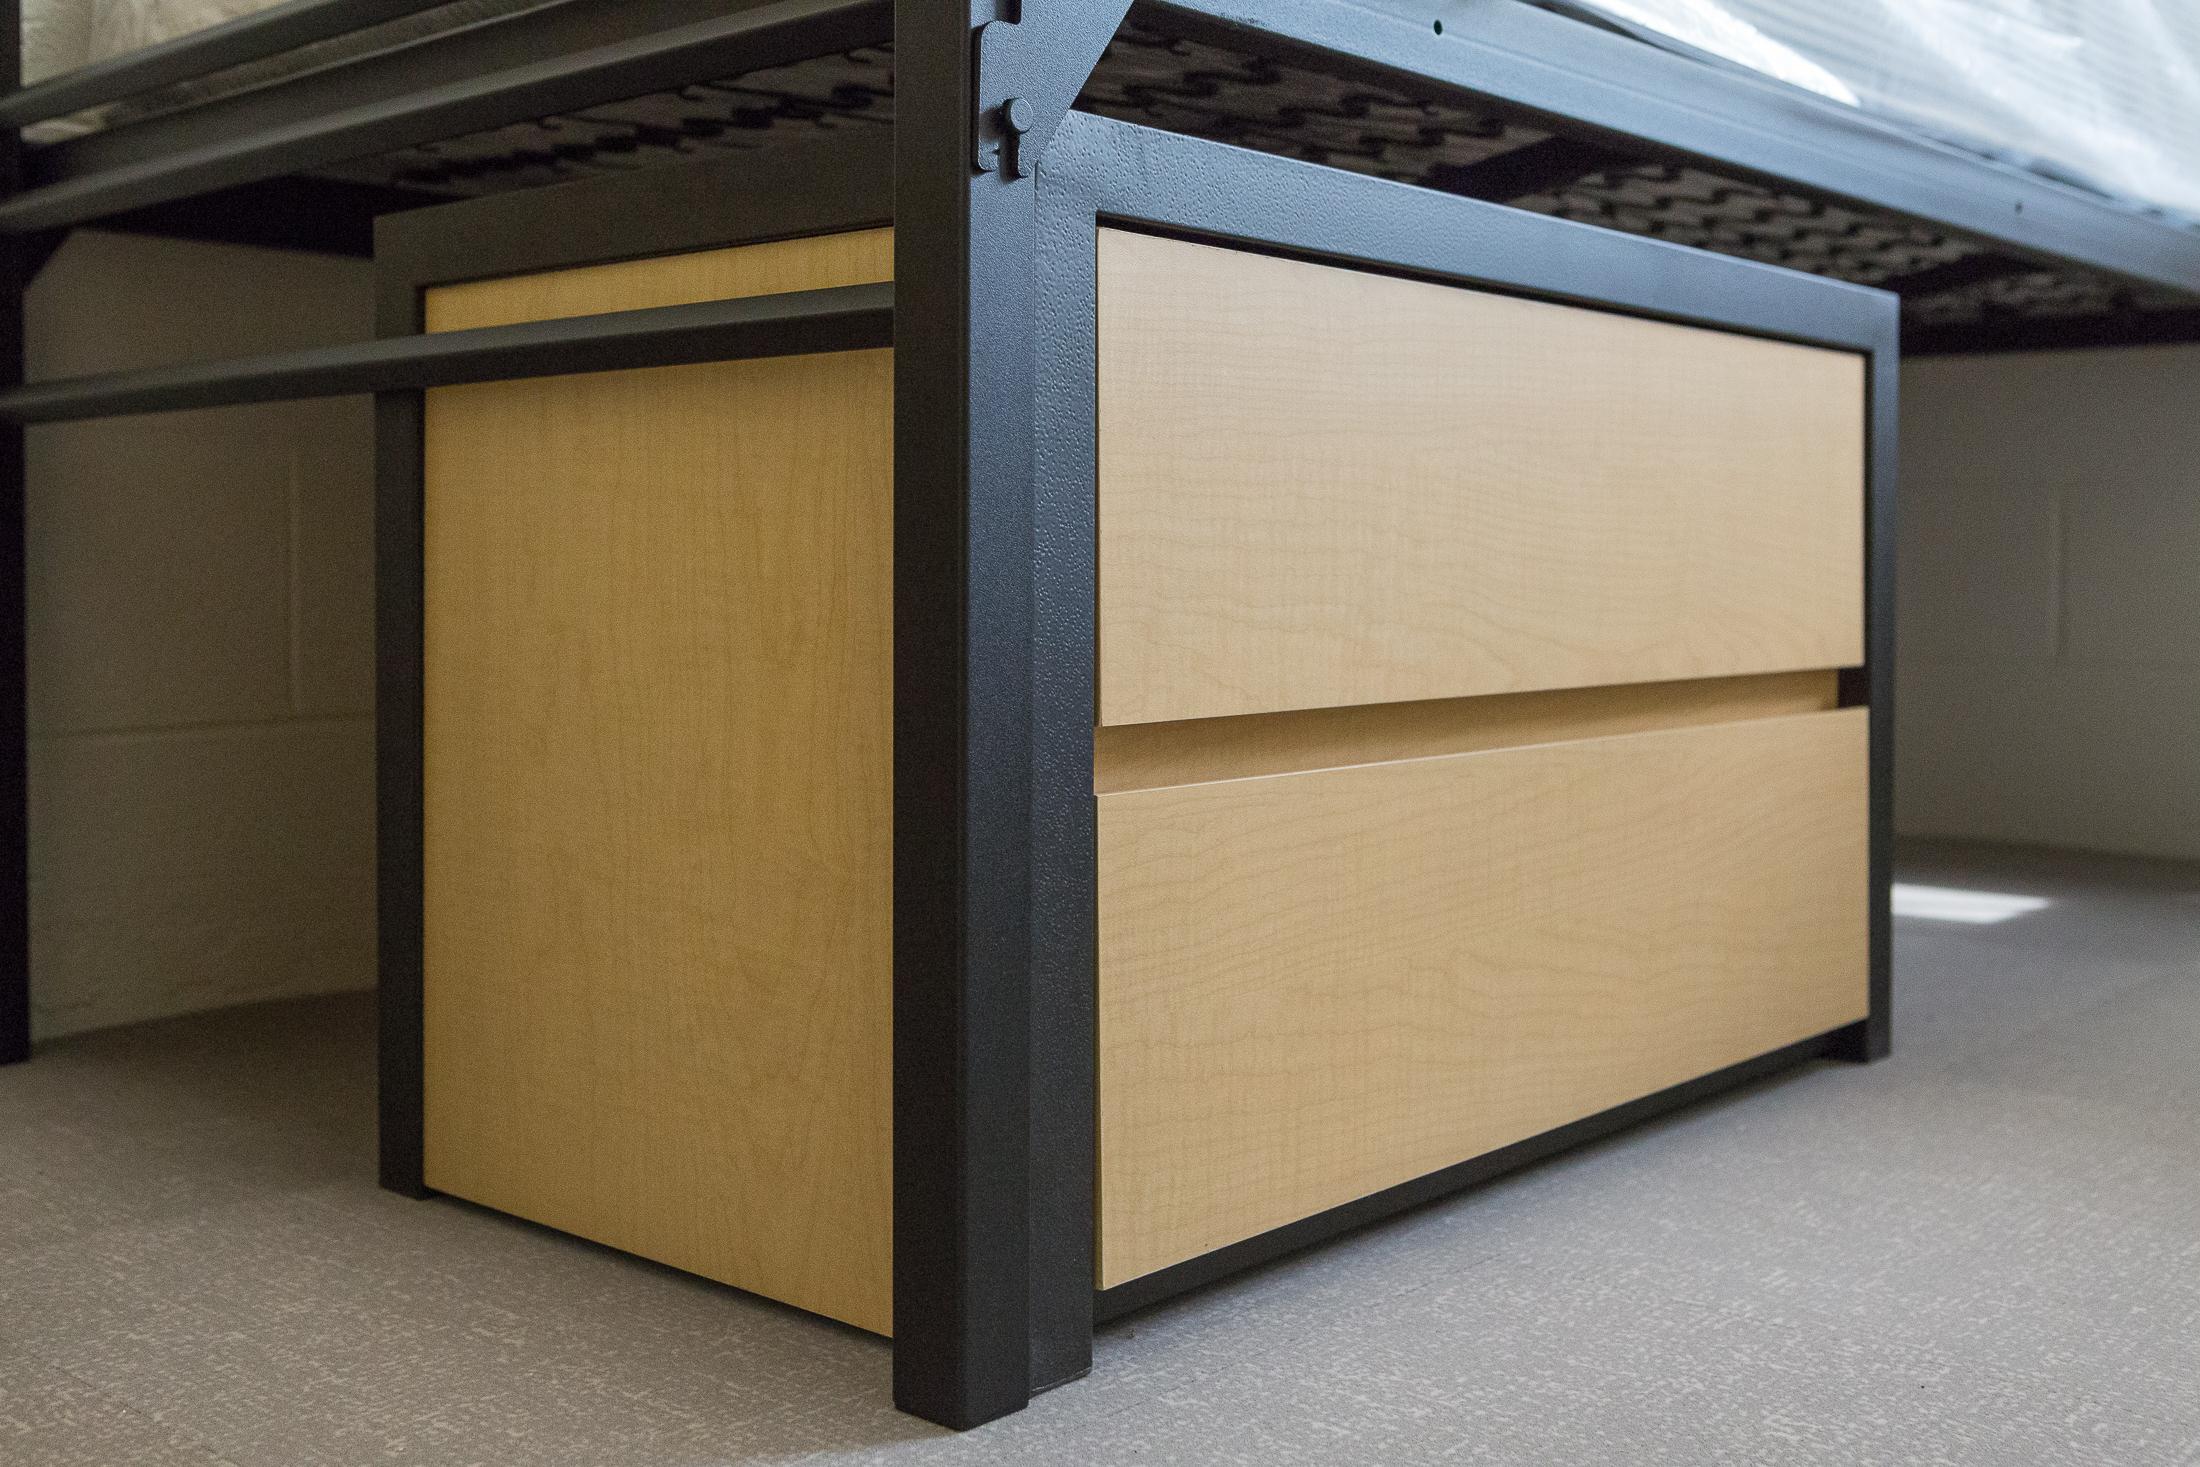 Ferrante underbed storage